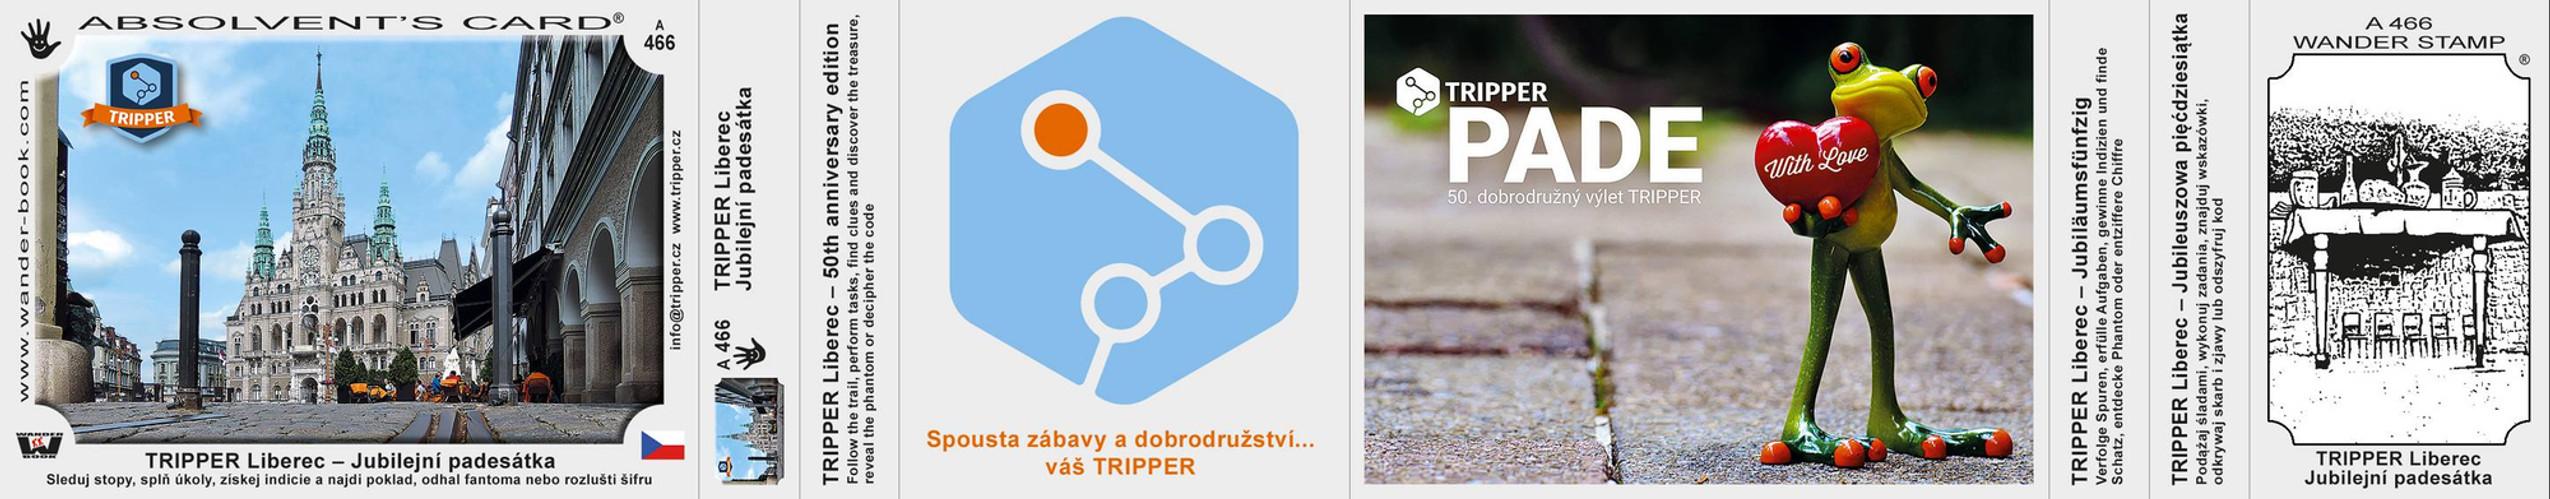 TRIPPER Liberec